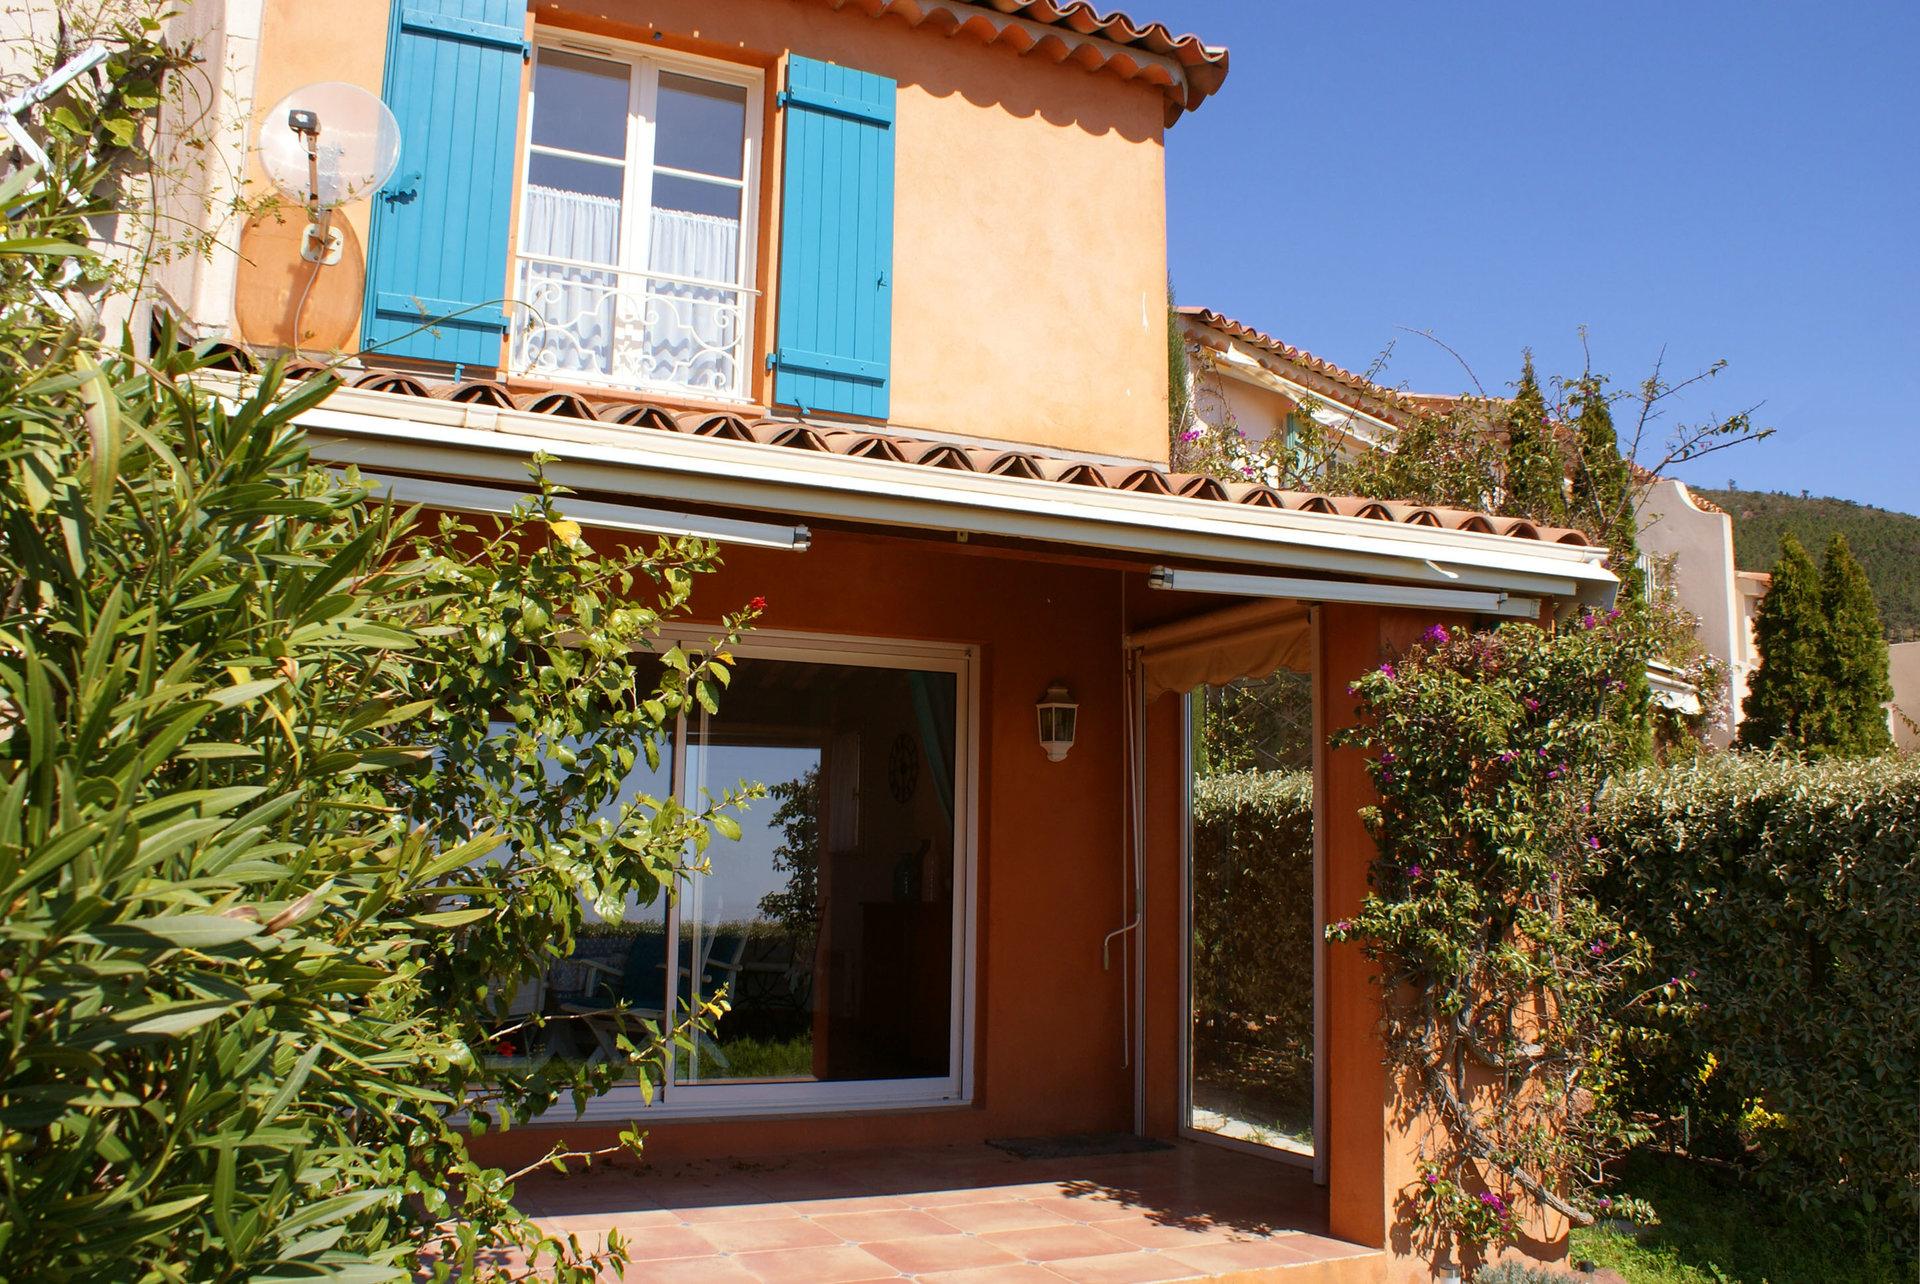 Agréable villa d'angle  dans une résidence fermée avec piscine et gardien.